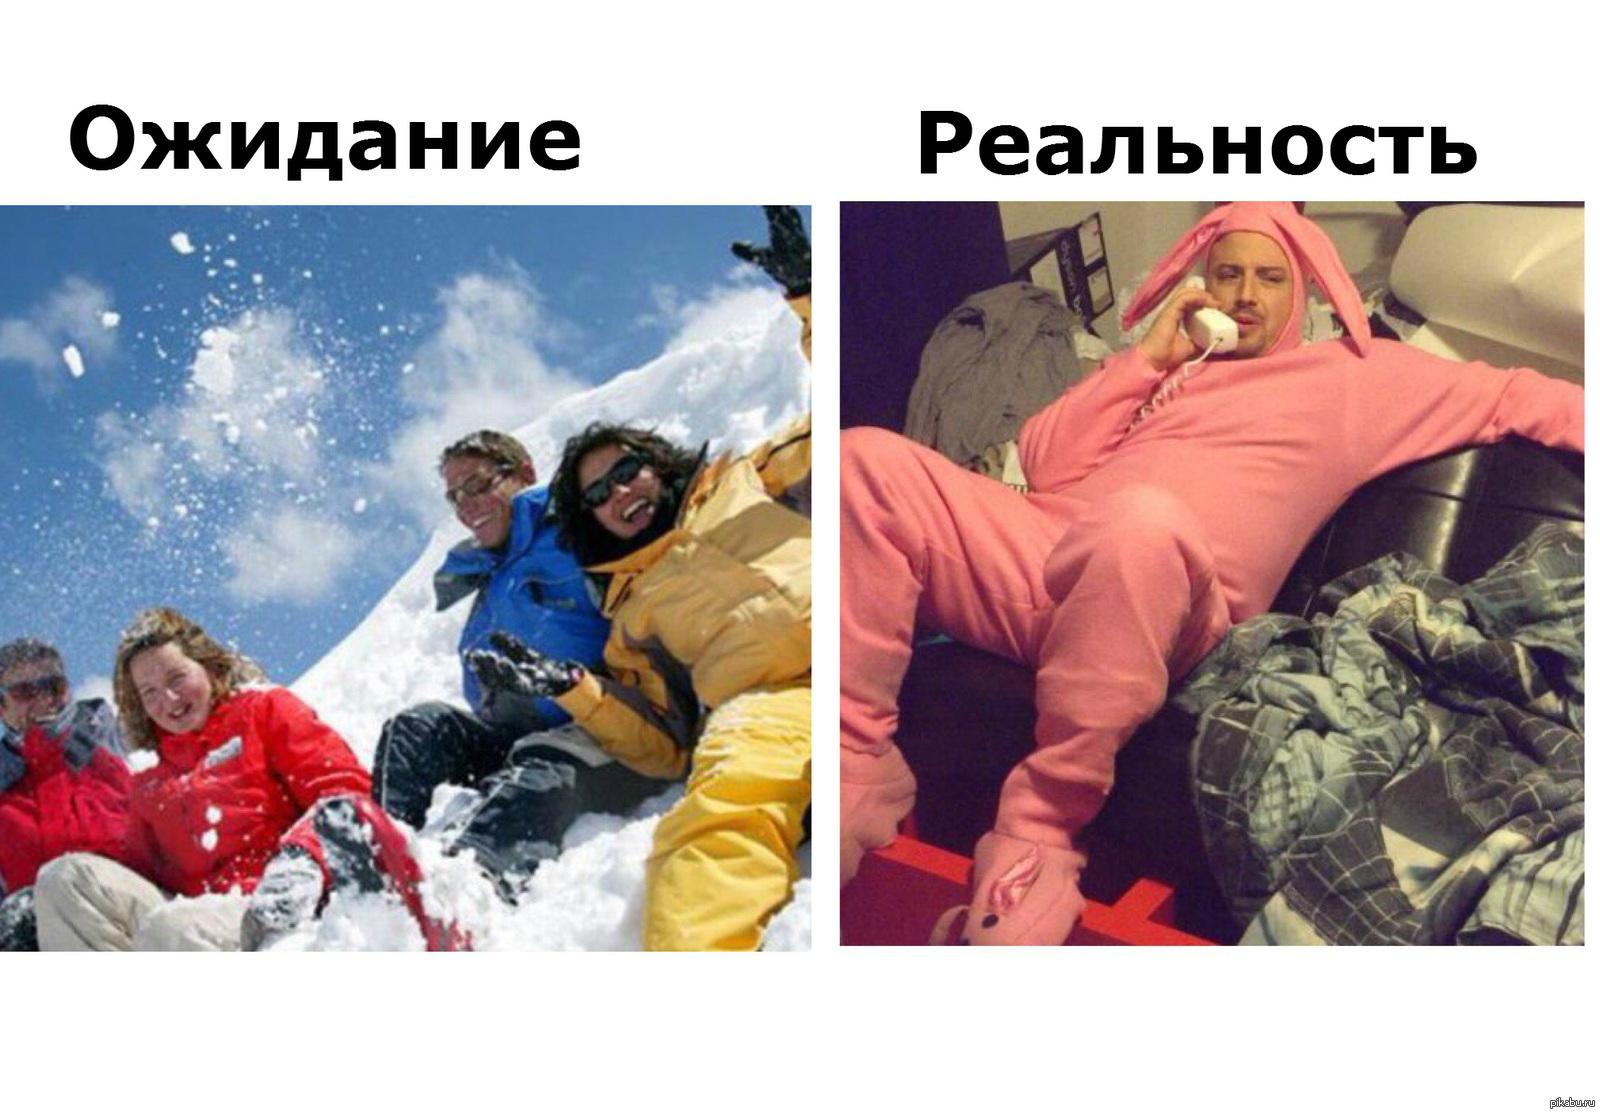 фото каникулы зимние приколы ниже